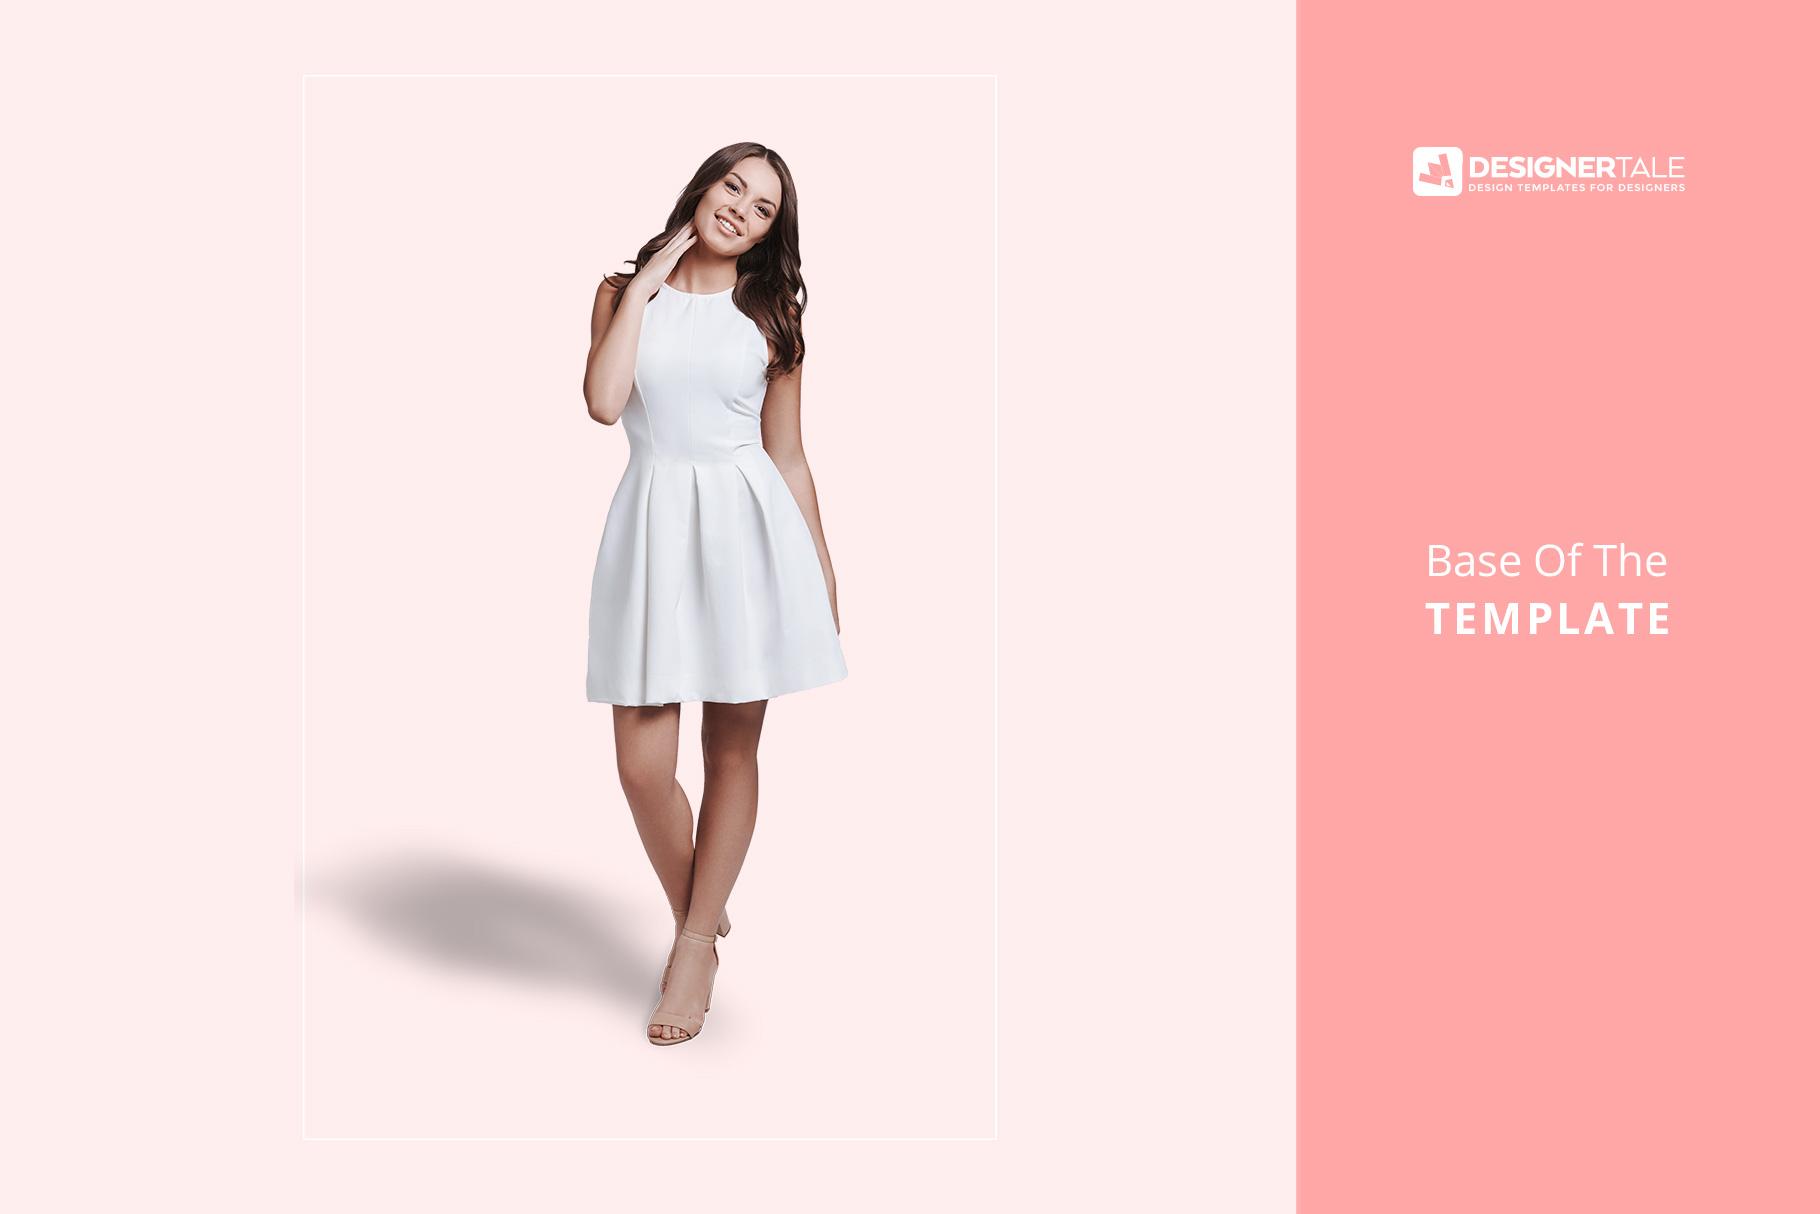 base image of the female short party dress mockup